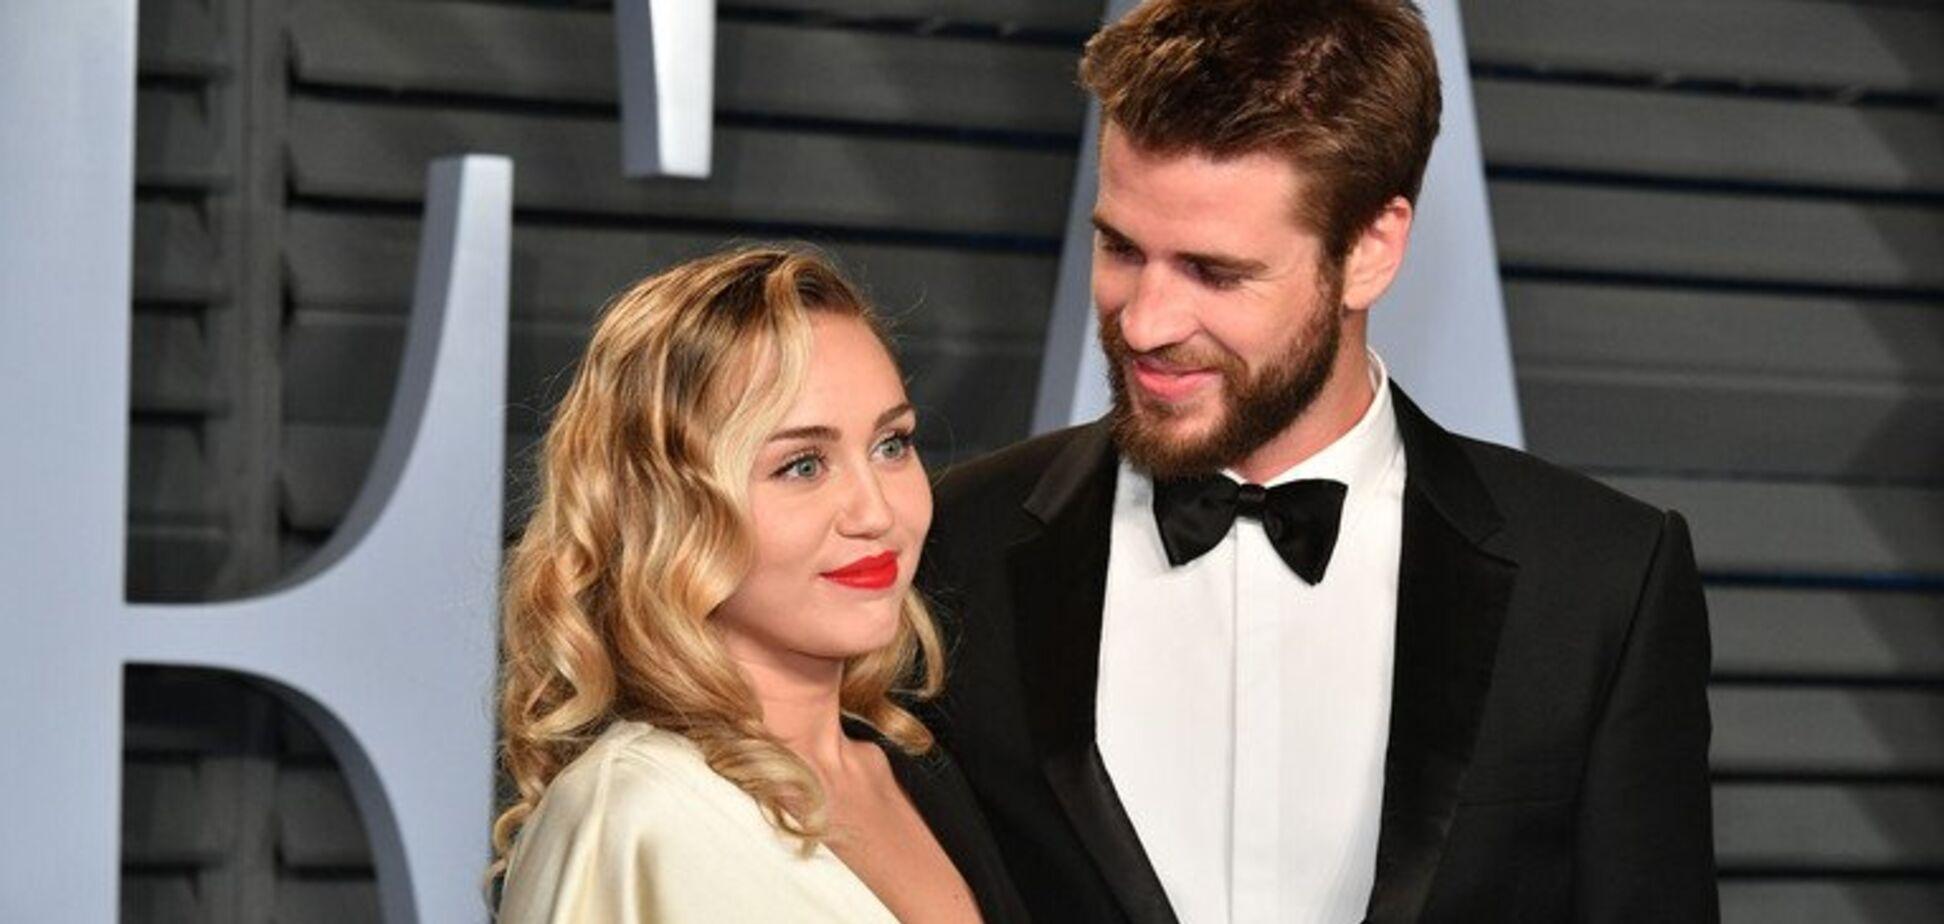 Відома американська співачка розлучилася з чоловіком через дівчину: фото 'палких' поцілунків